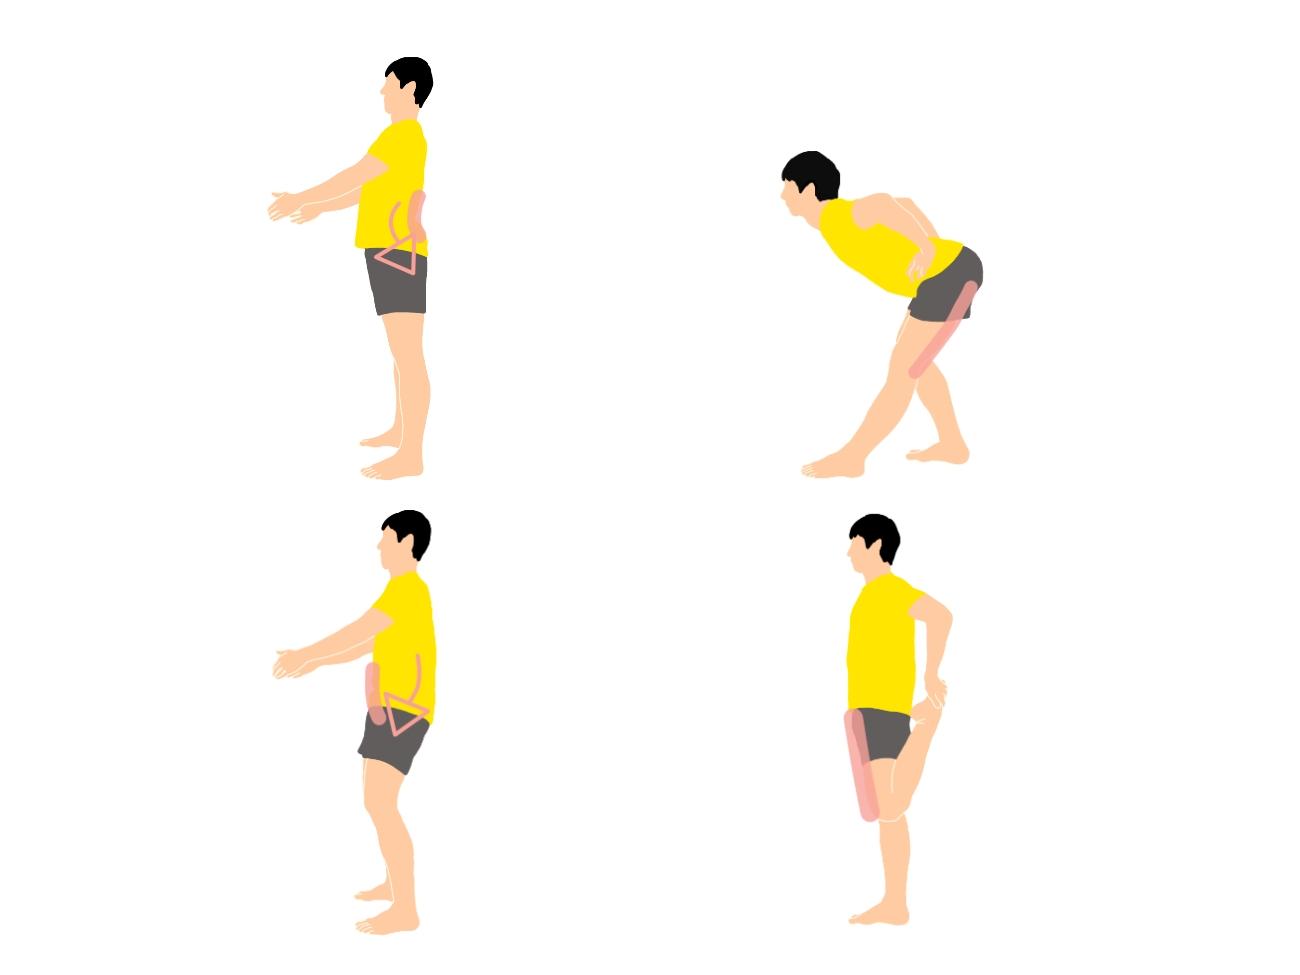 骨盤の前傾と後傾を意識して行うハムストリングスと大腿四頭筋のストレッチ